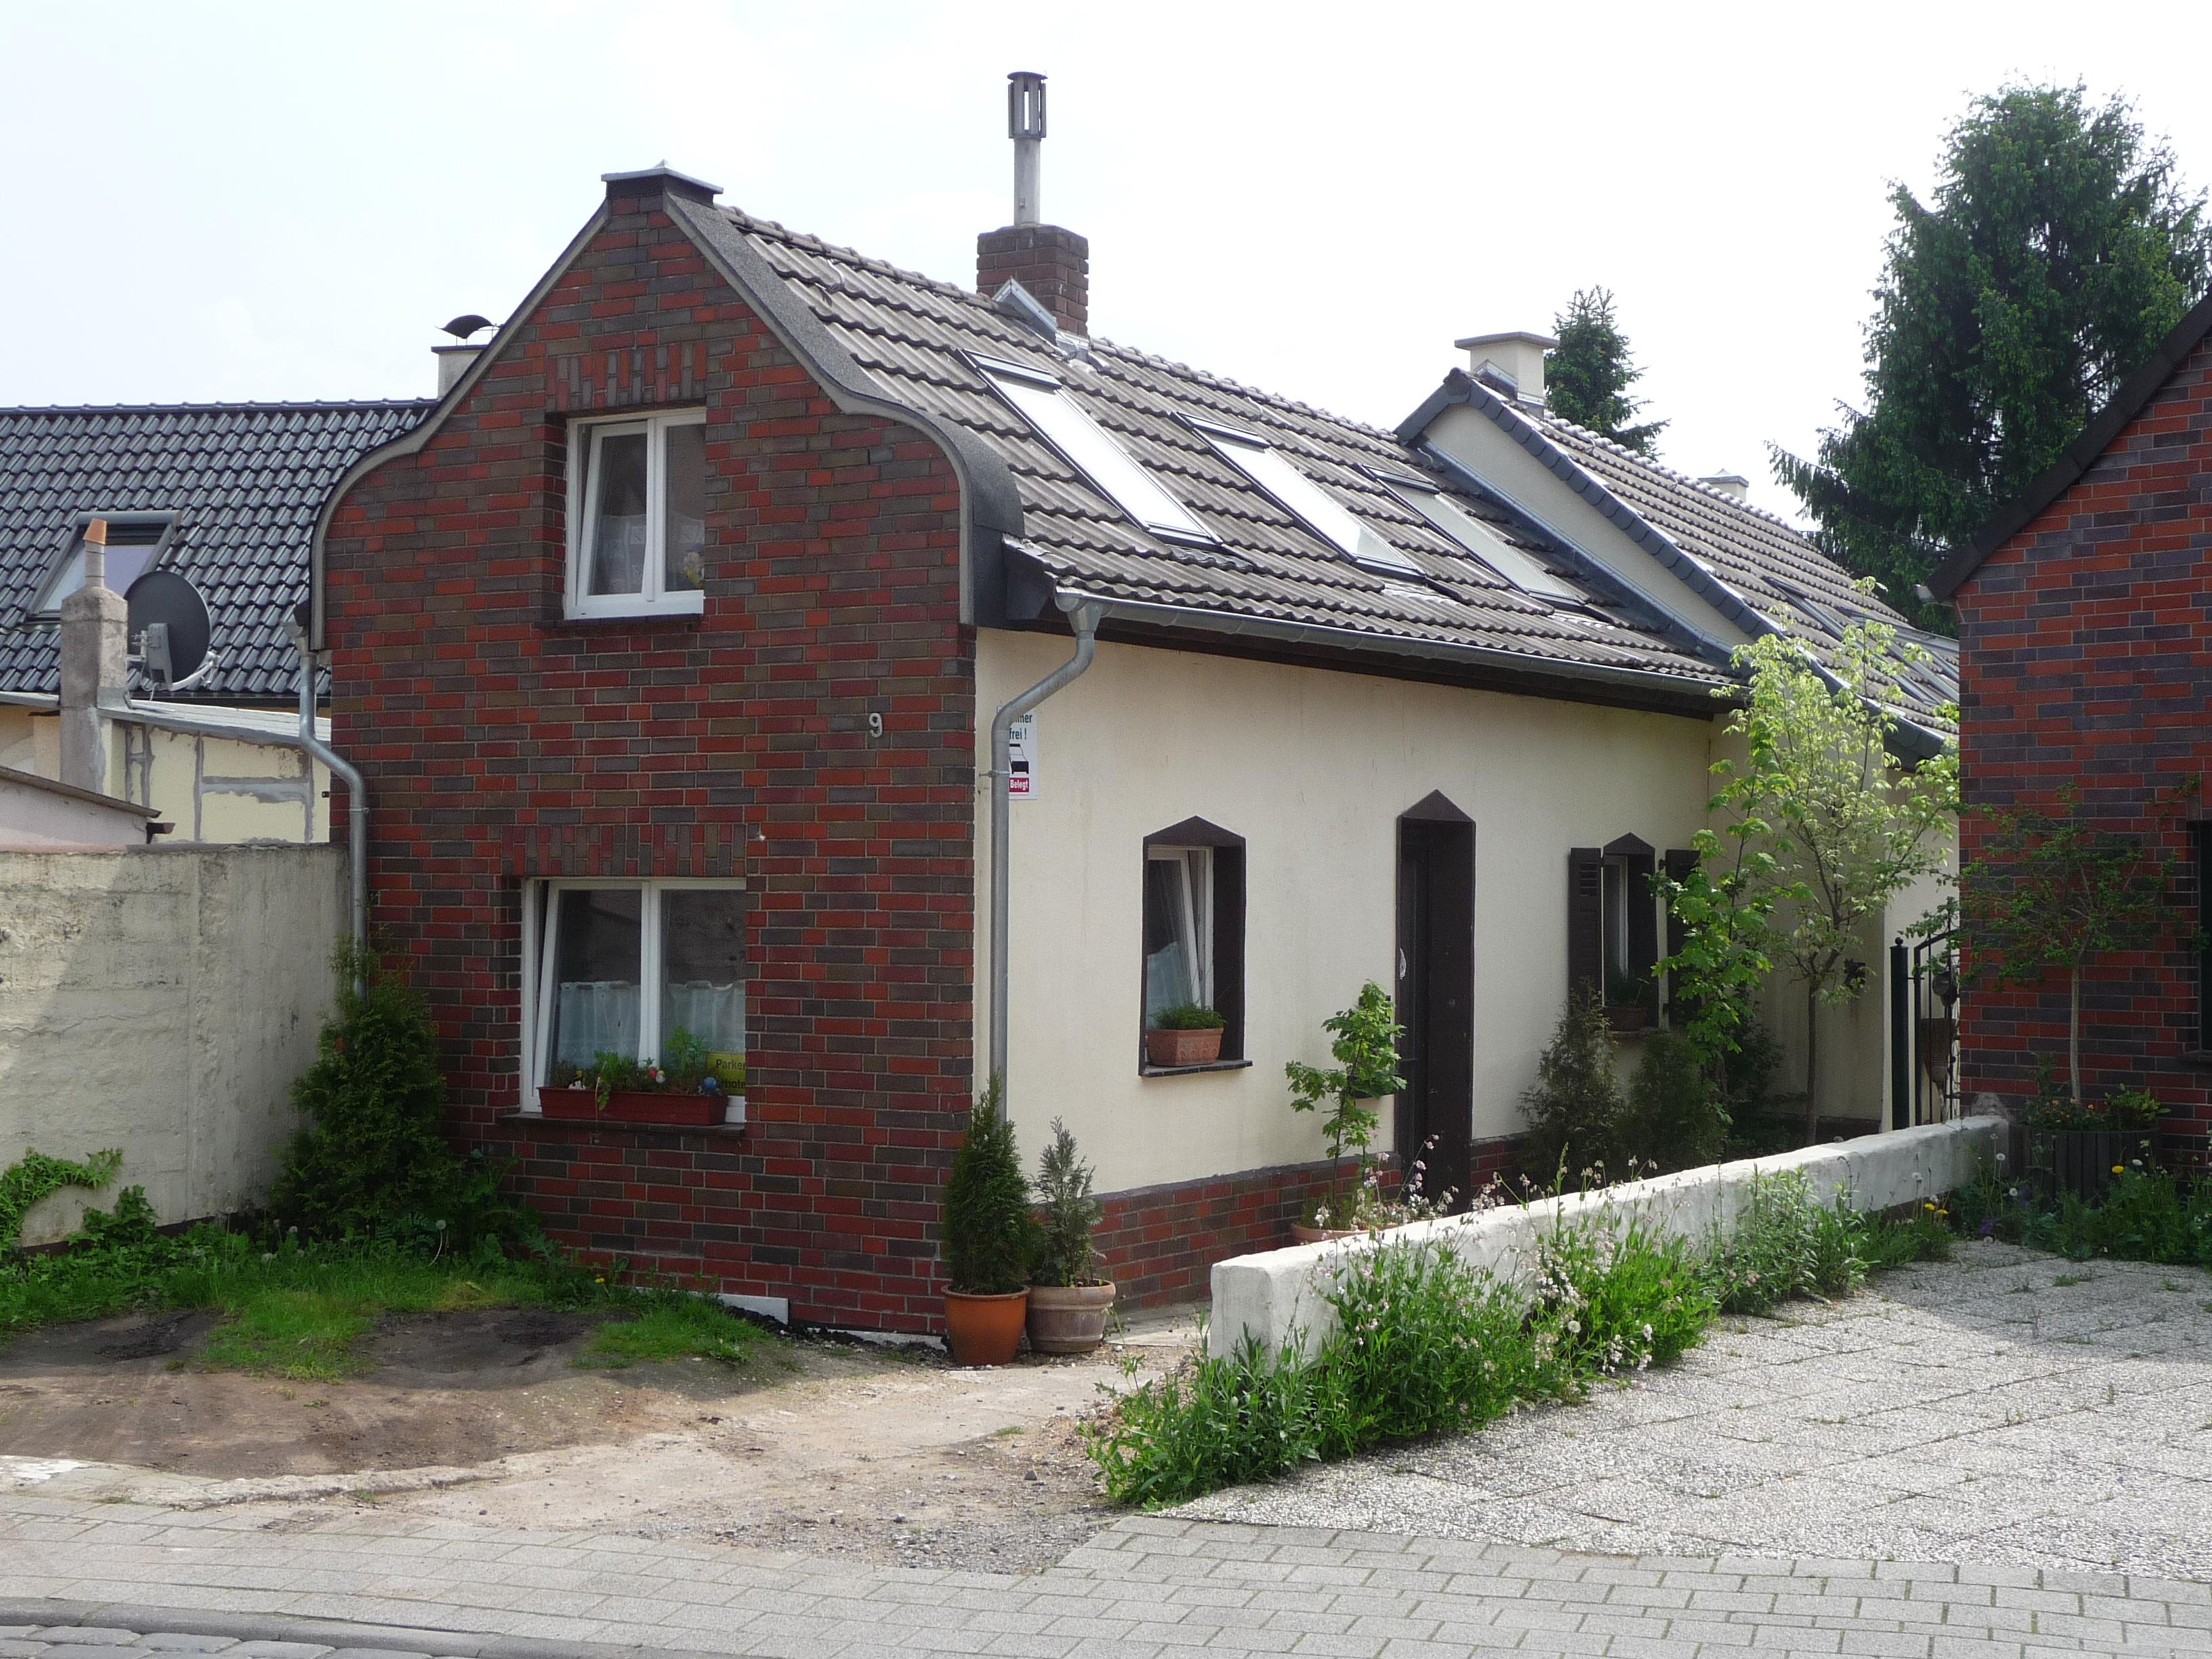 Ackererhof von Jost Auler in Dormagen-Stürzelberg. (Foto: Jost Auler)